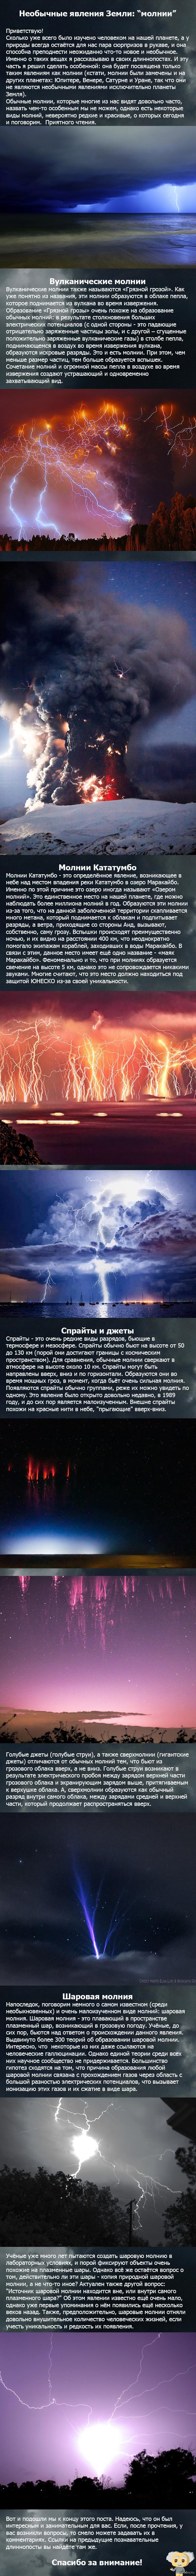 """Необычные и красивые явления Земли: """"молнии"""" Вот уже четвёртая часть познавательных длиннопостов. Больше в комментариях."""